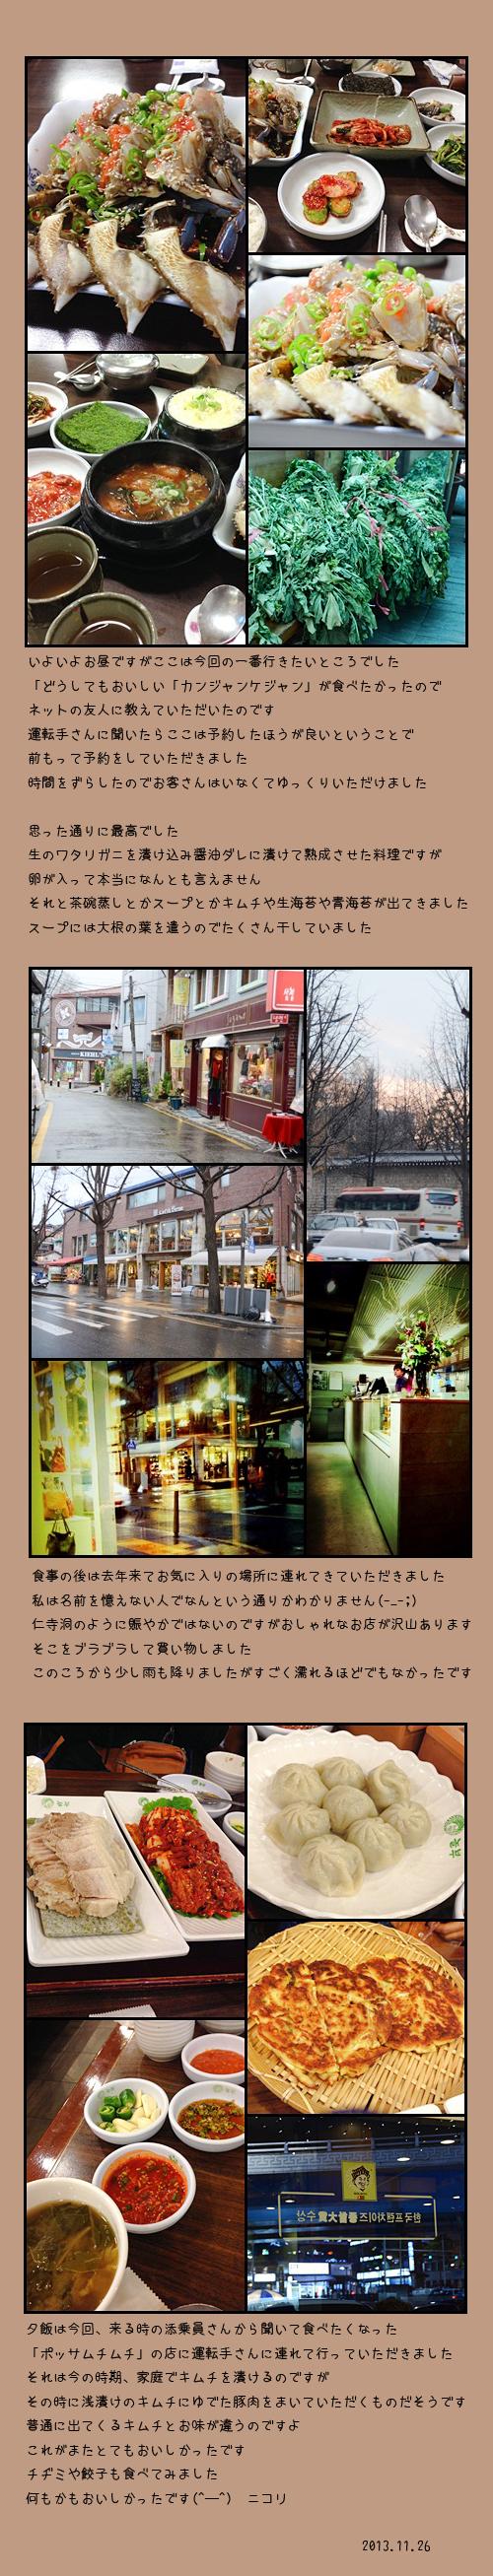 12月1日韓国3